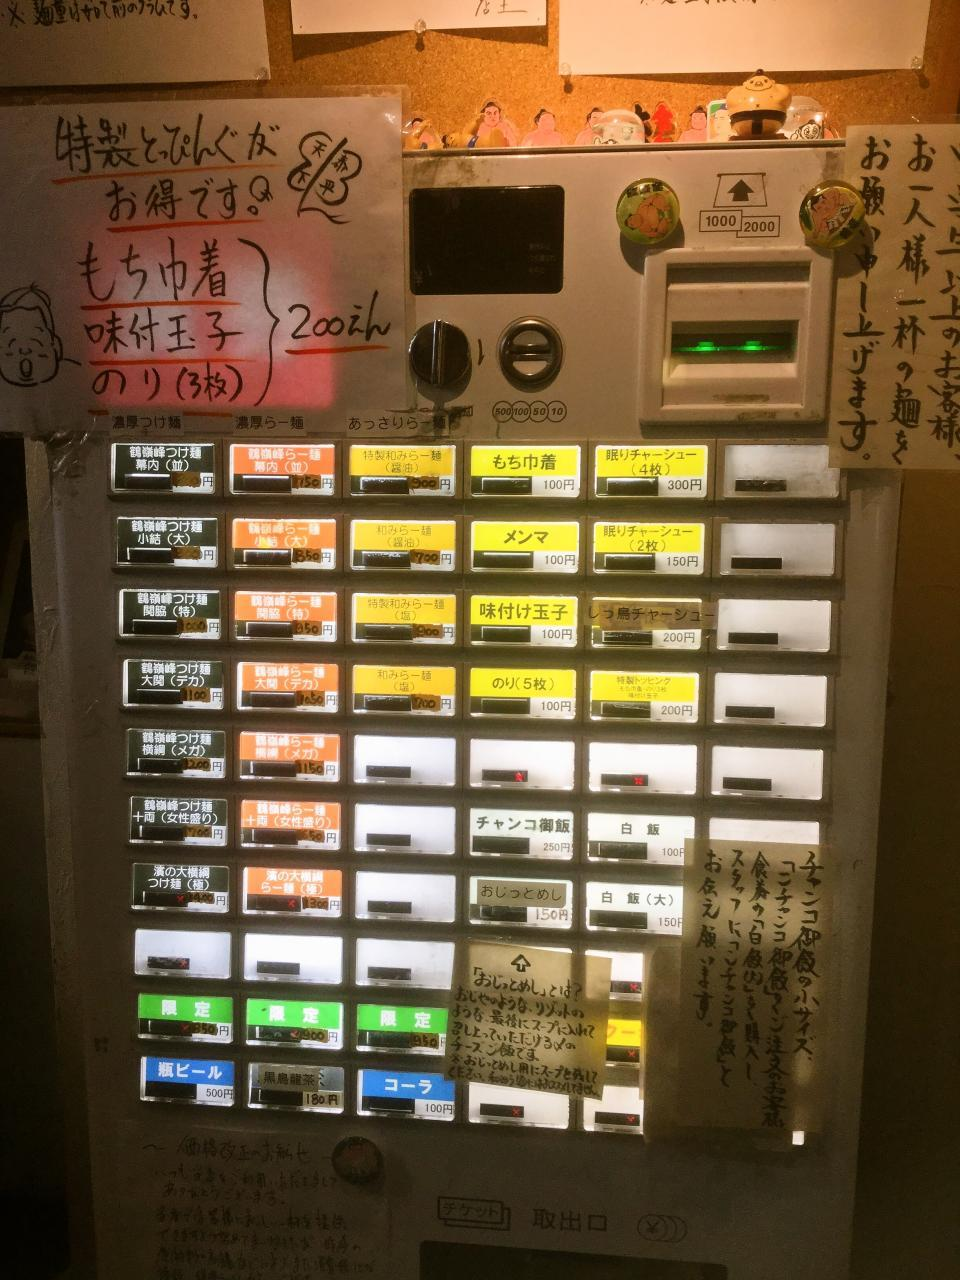 らー麺土俵 鶴嶺峰(券売機)